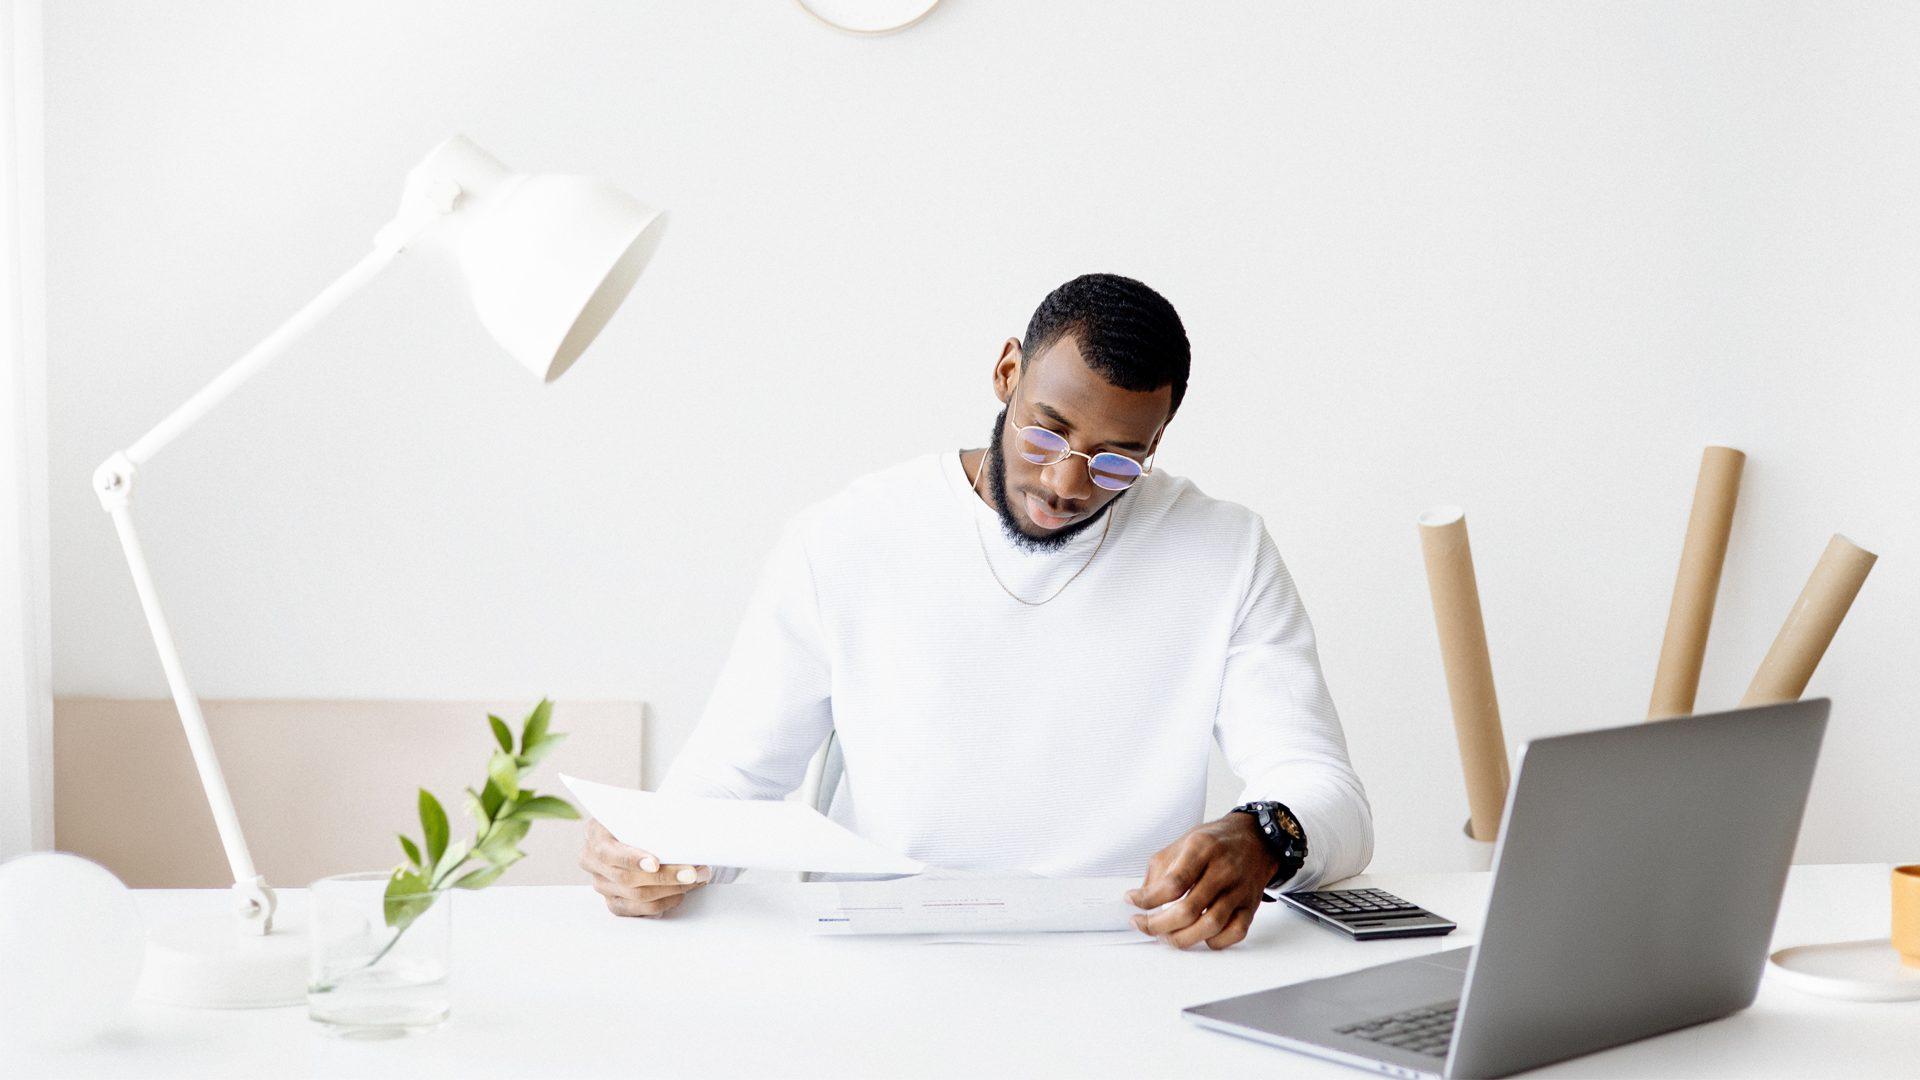 empreendedor verificando o processo de formalização